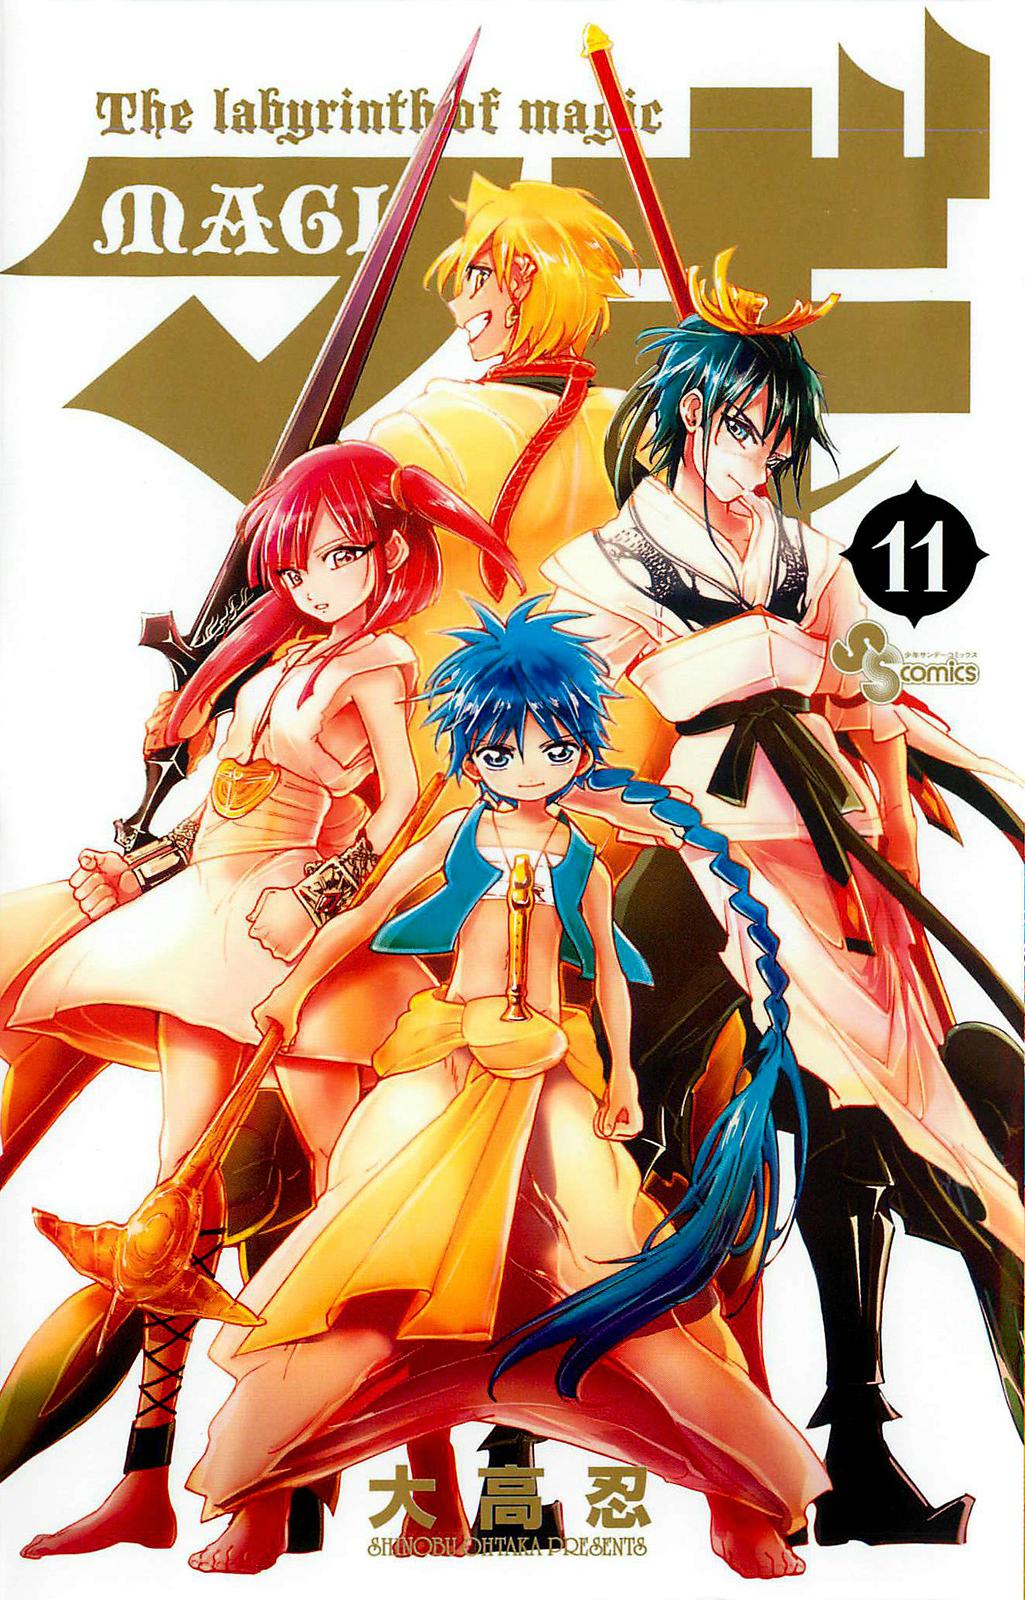 Tournoi de popularité Manga n° 3 - Page 2 Latest?cb=20120721161710